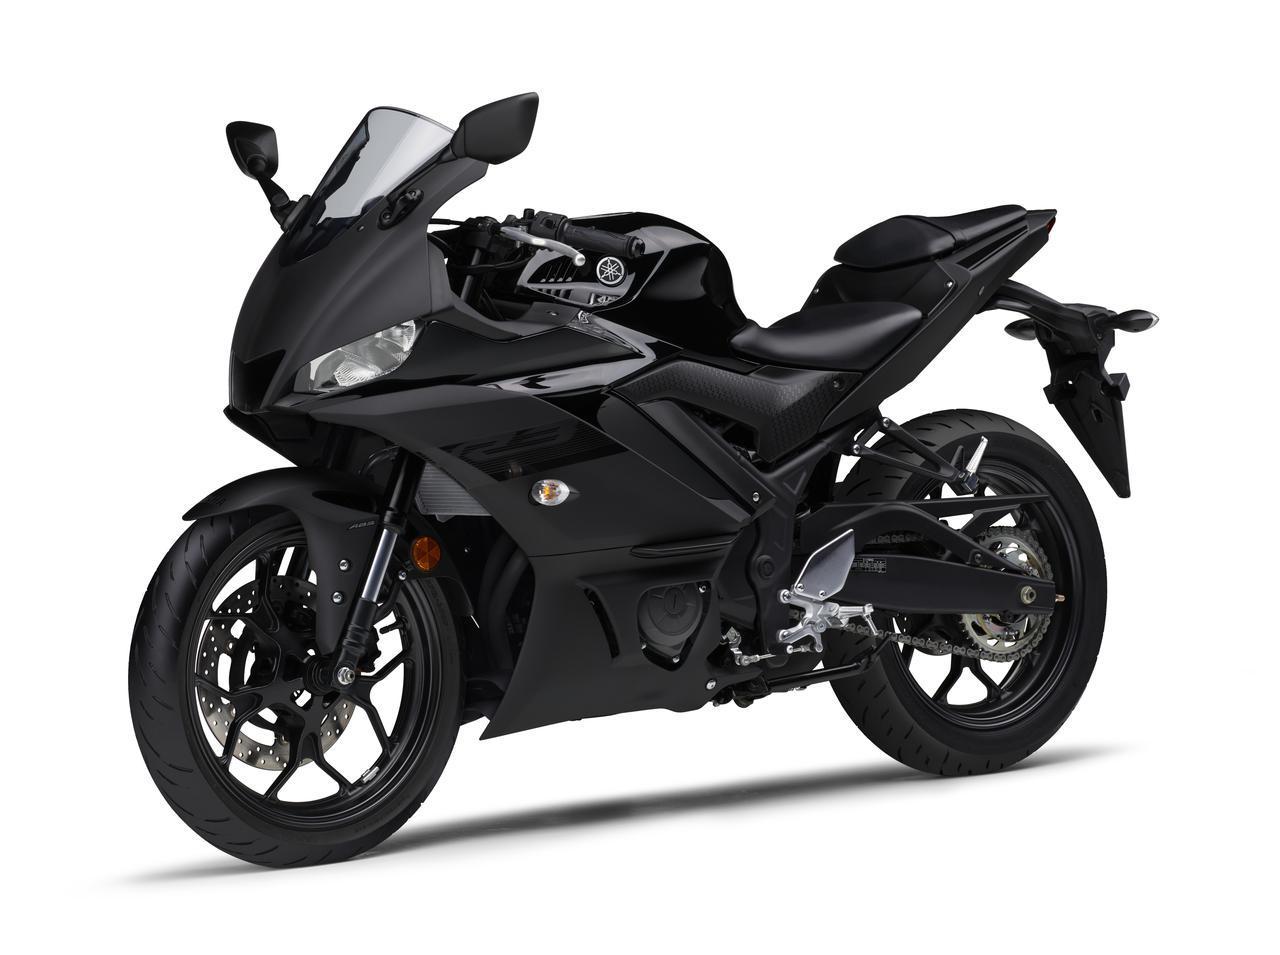 画像6: ヤマハ「YZF-R25/ABS」「YZF-R3 ABS」の2020年モデルが2月14日(金)発売! 3色展開で、すべてニューカラー!